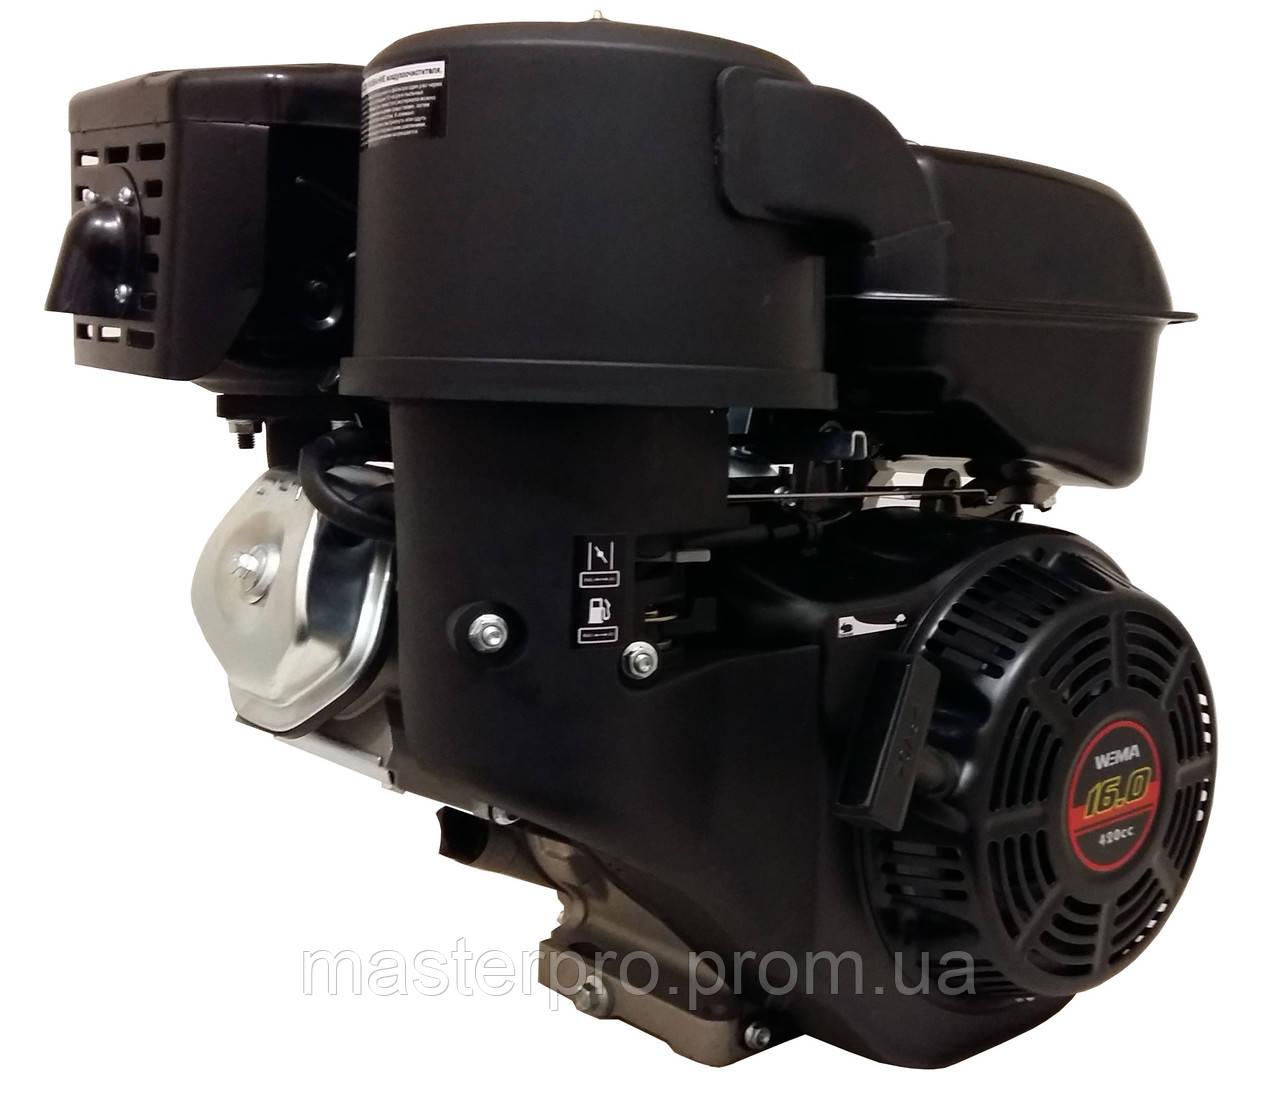 Двигатель с понижающим редуктором Weima WM190F-L New (1800 об/мин. 16 л.с.)